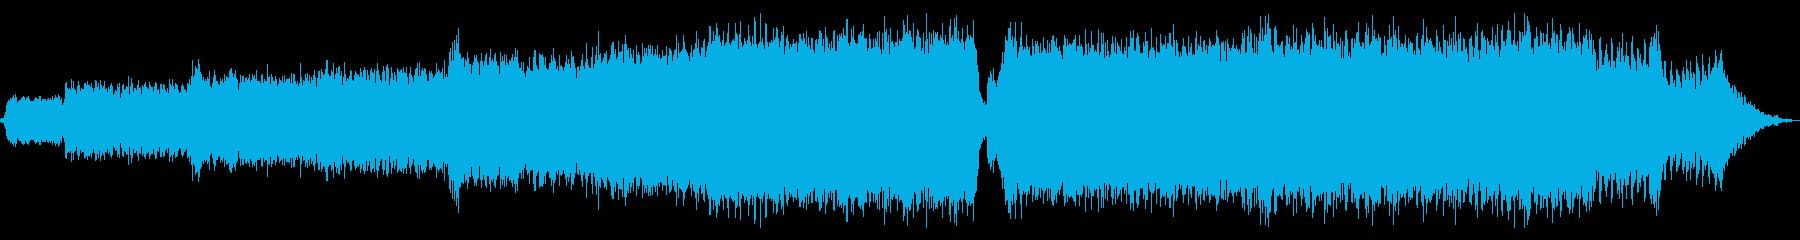 澄み渡る青空_ピアノなしの再生済みの波形